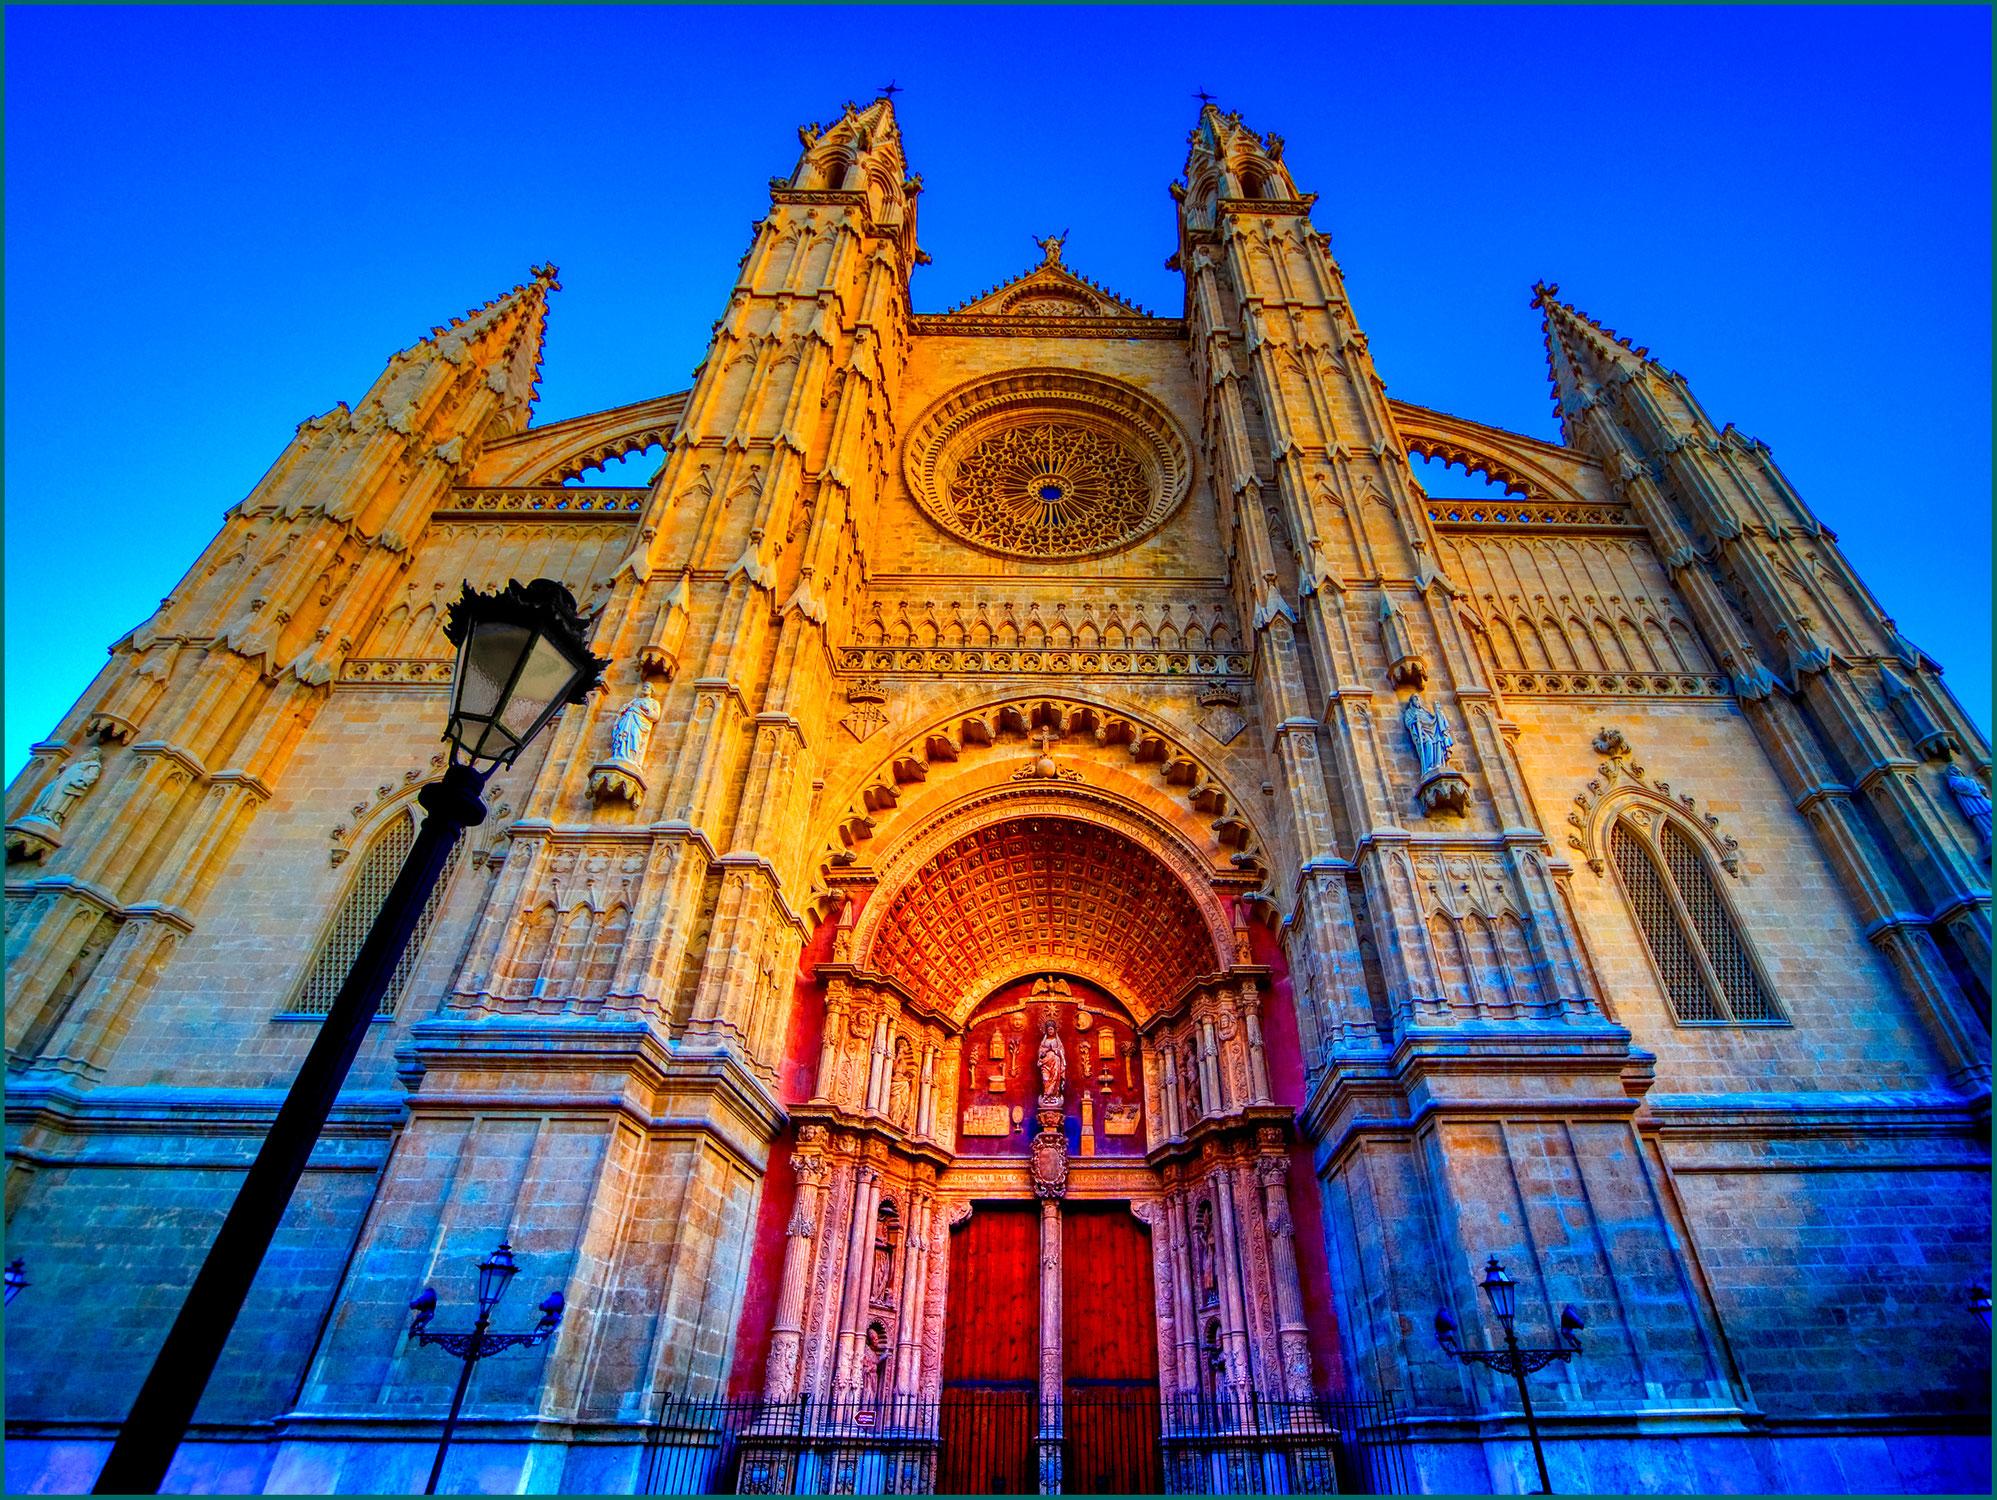 Os portais da Catedral de Palma